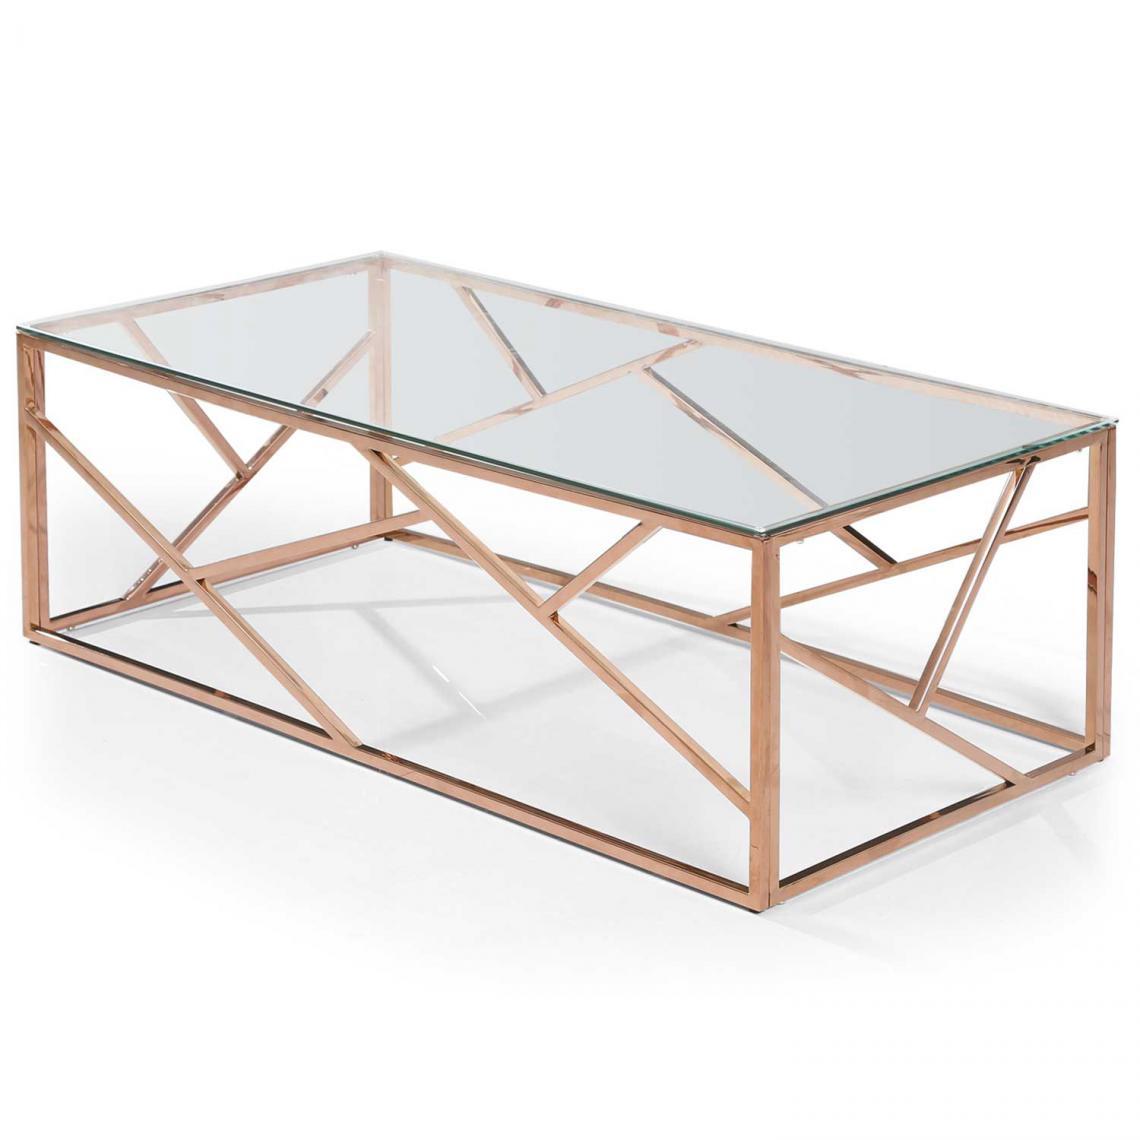 meilleure sélection 4c0d3 7868c Table Basse Rectangulaire Or Rose Verre Transparent TAMBA